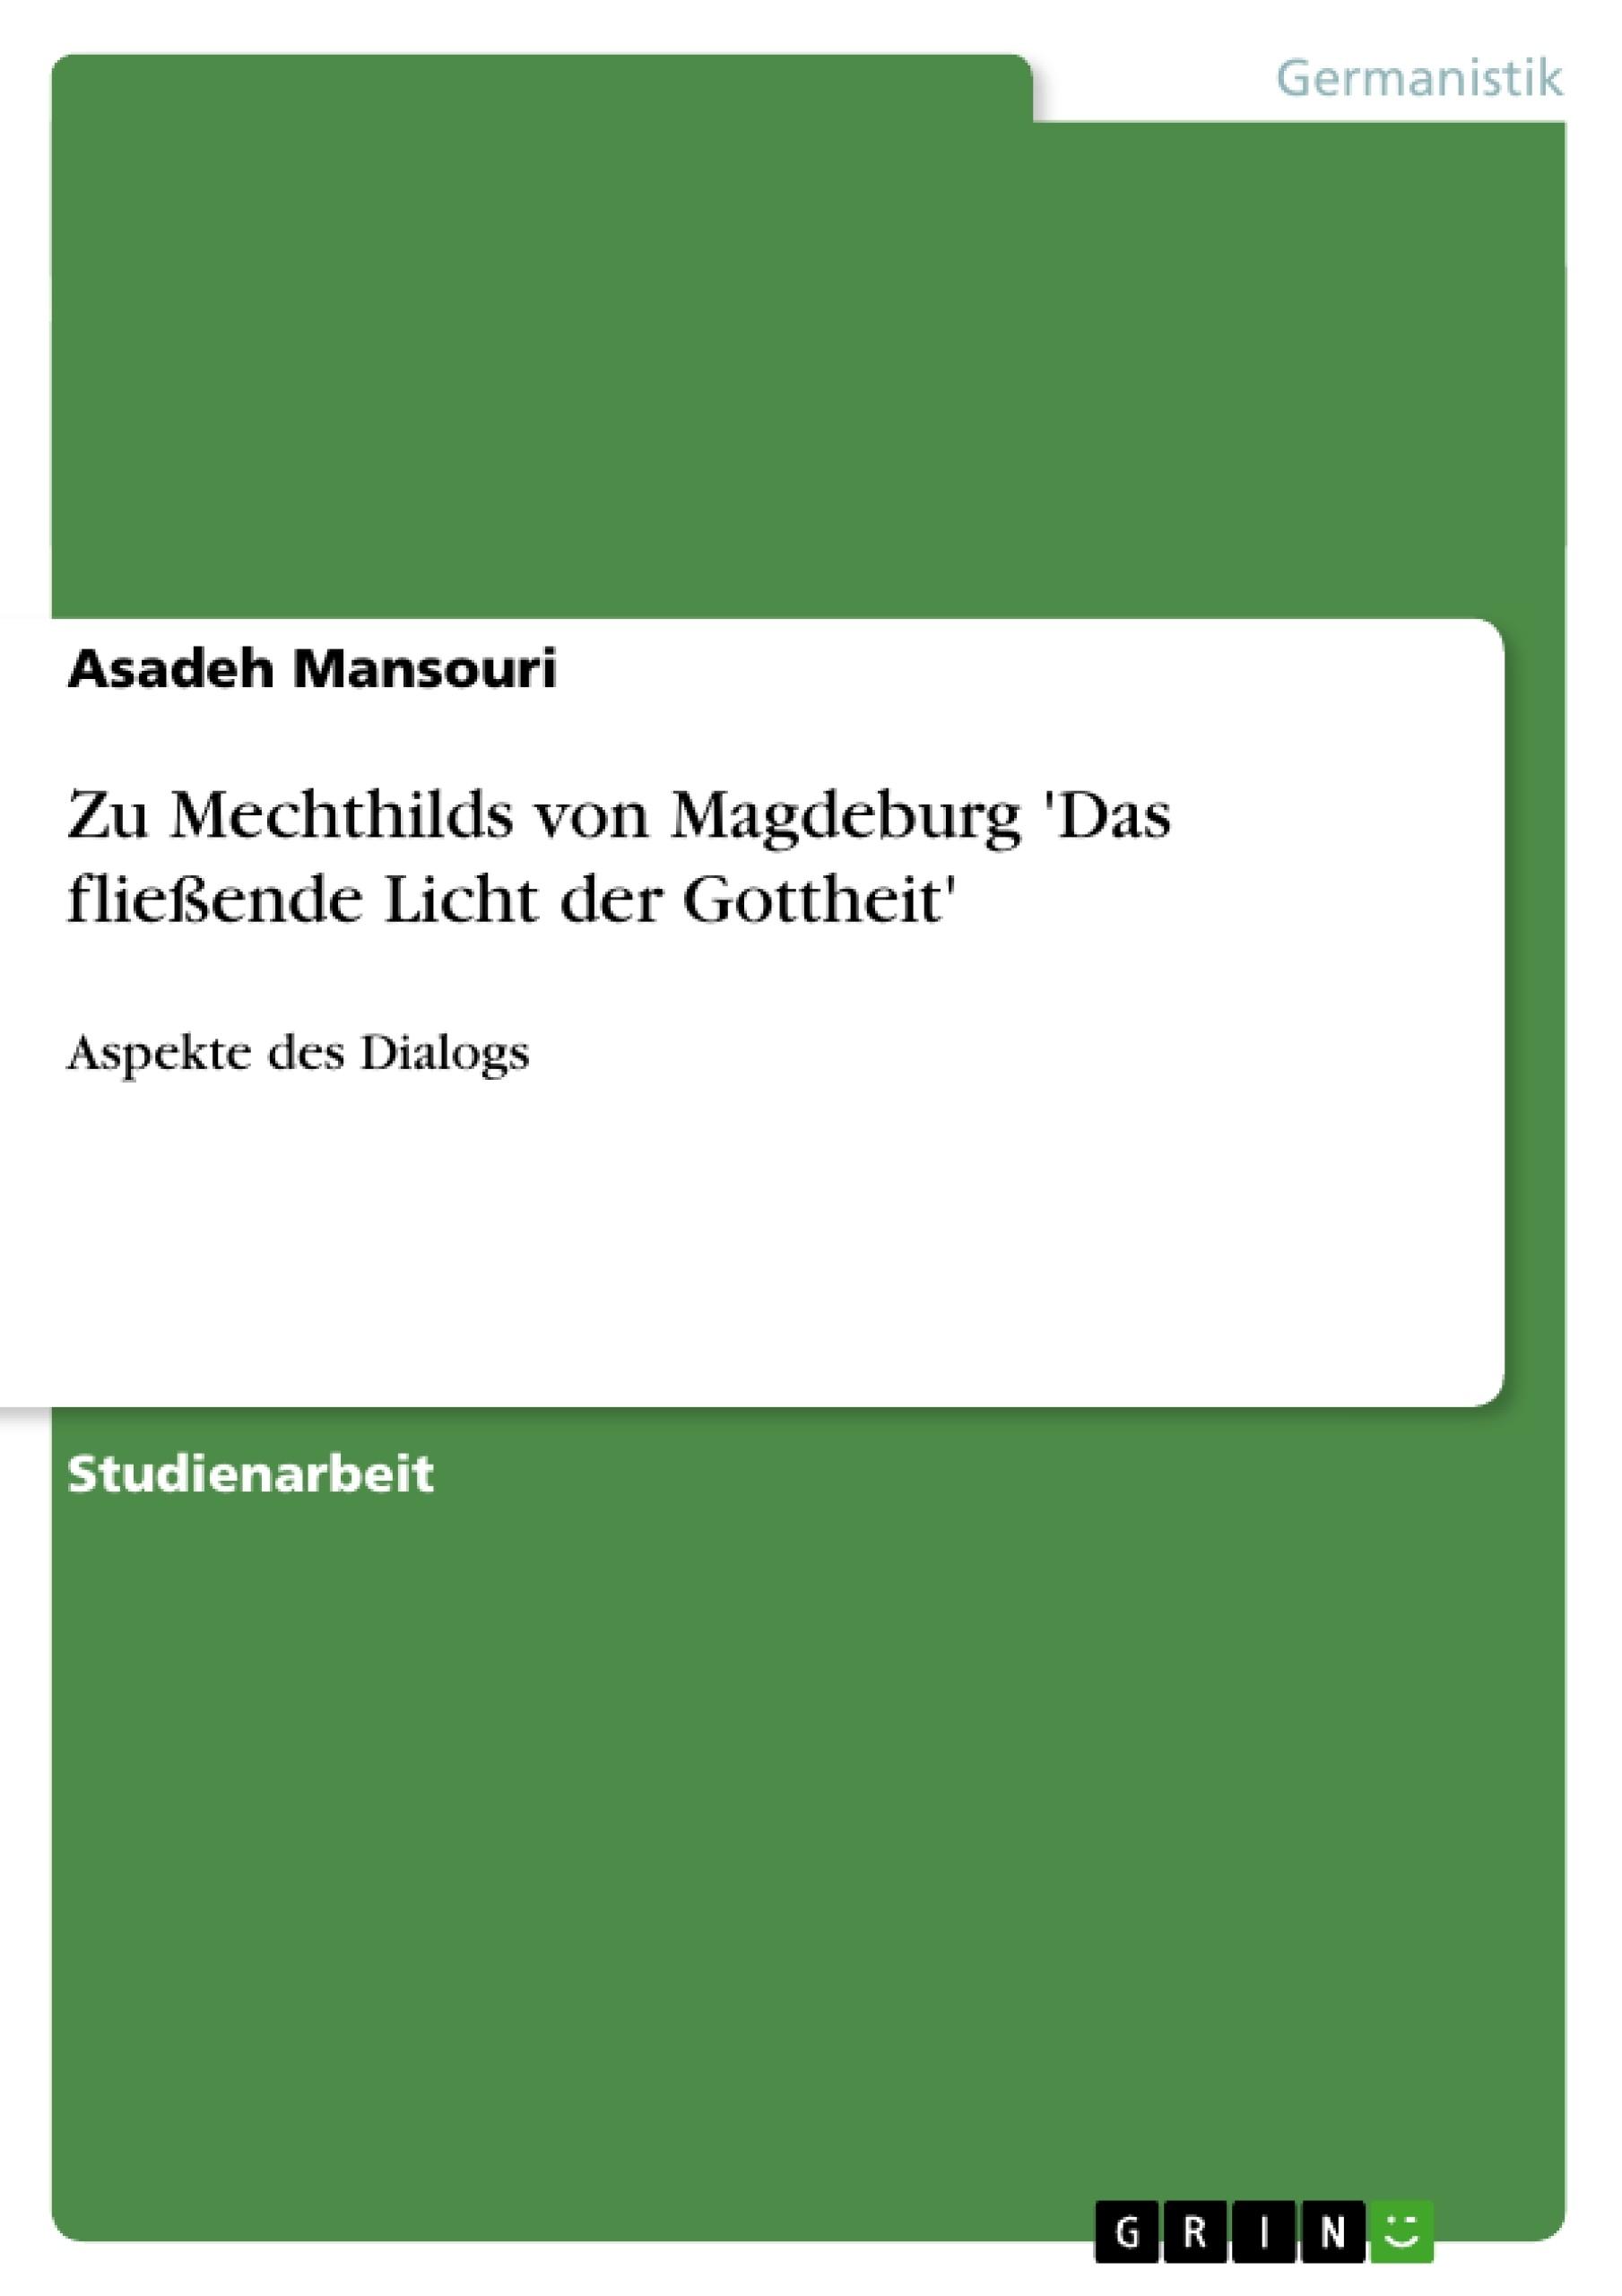 Titel: Zu Mechthilds von Magdeburg 'Das fließende Licht der Gottheit'